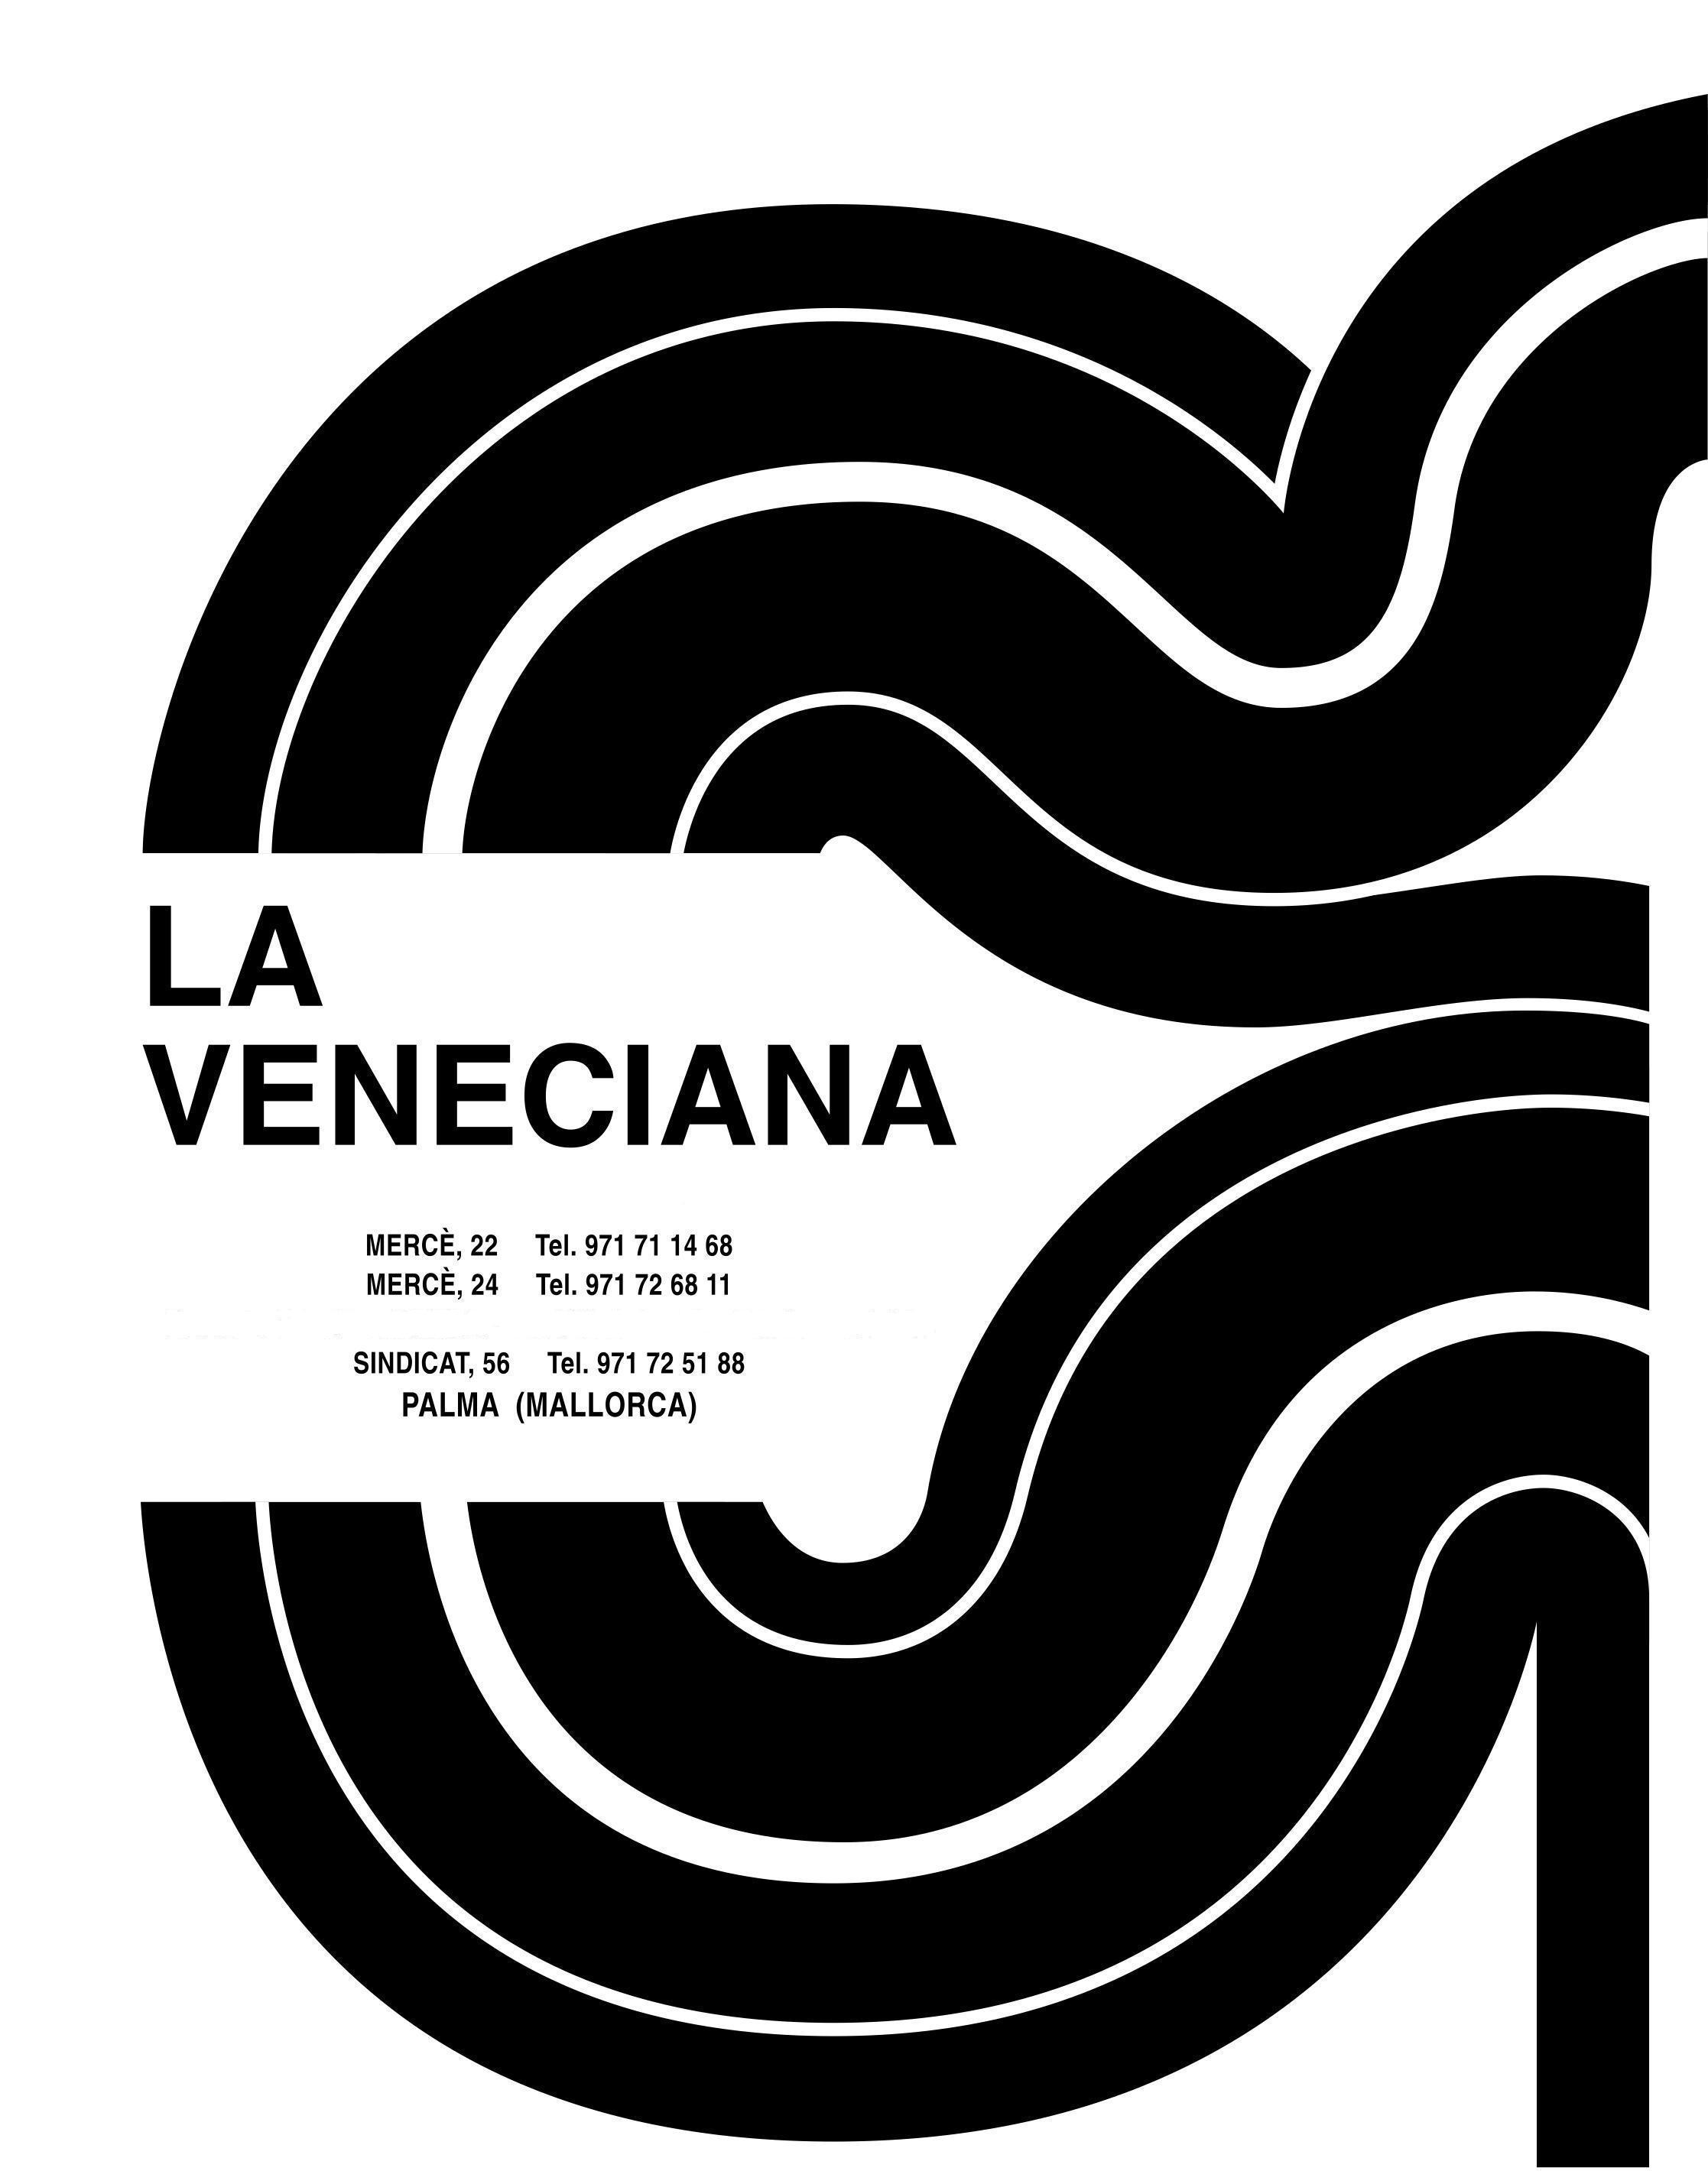 Merceria La Veneciana